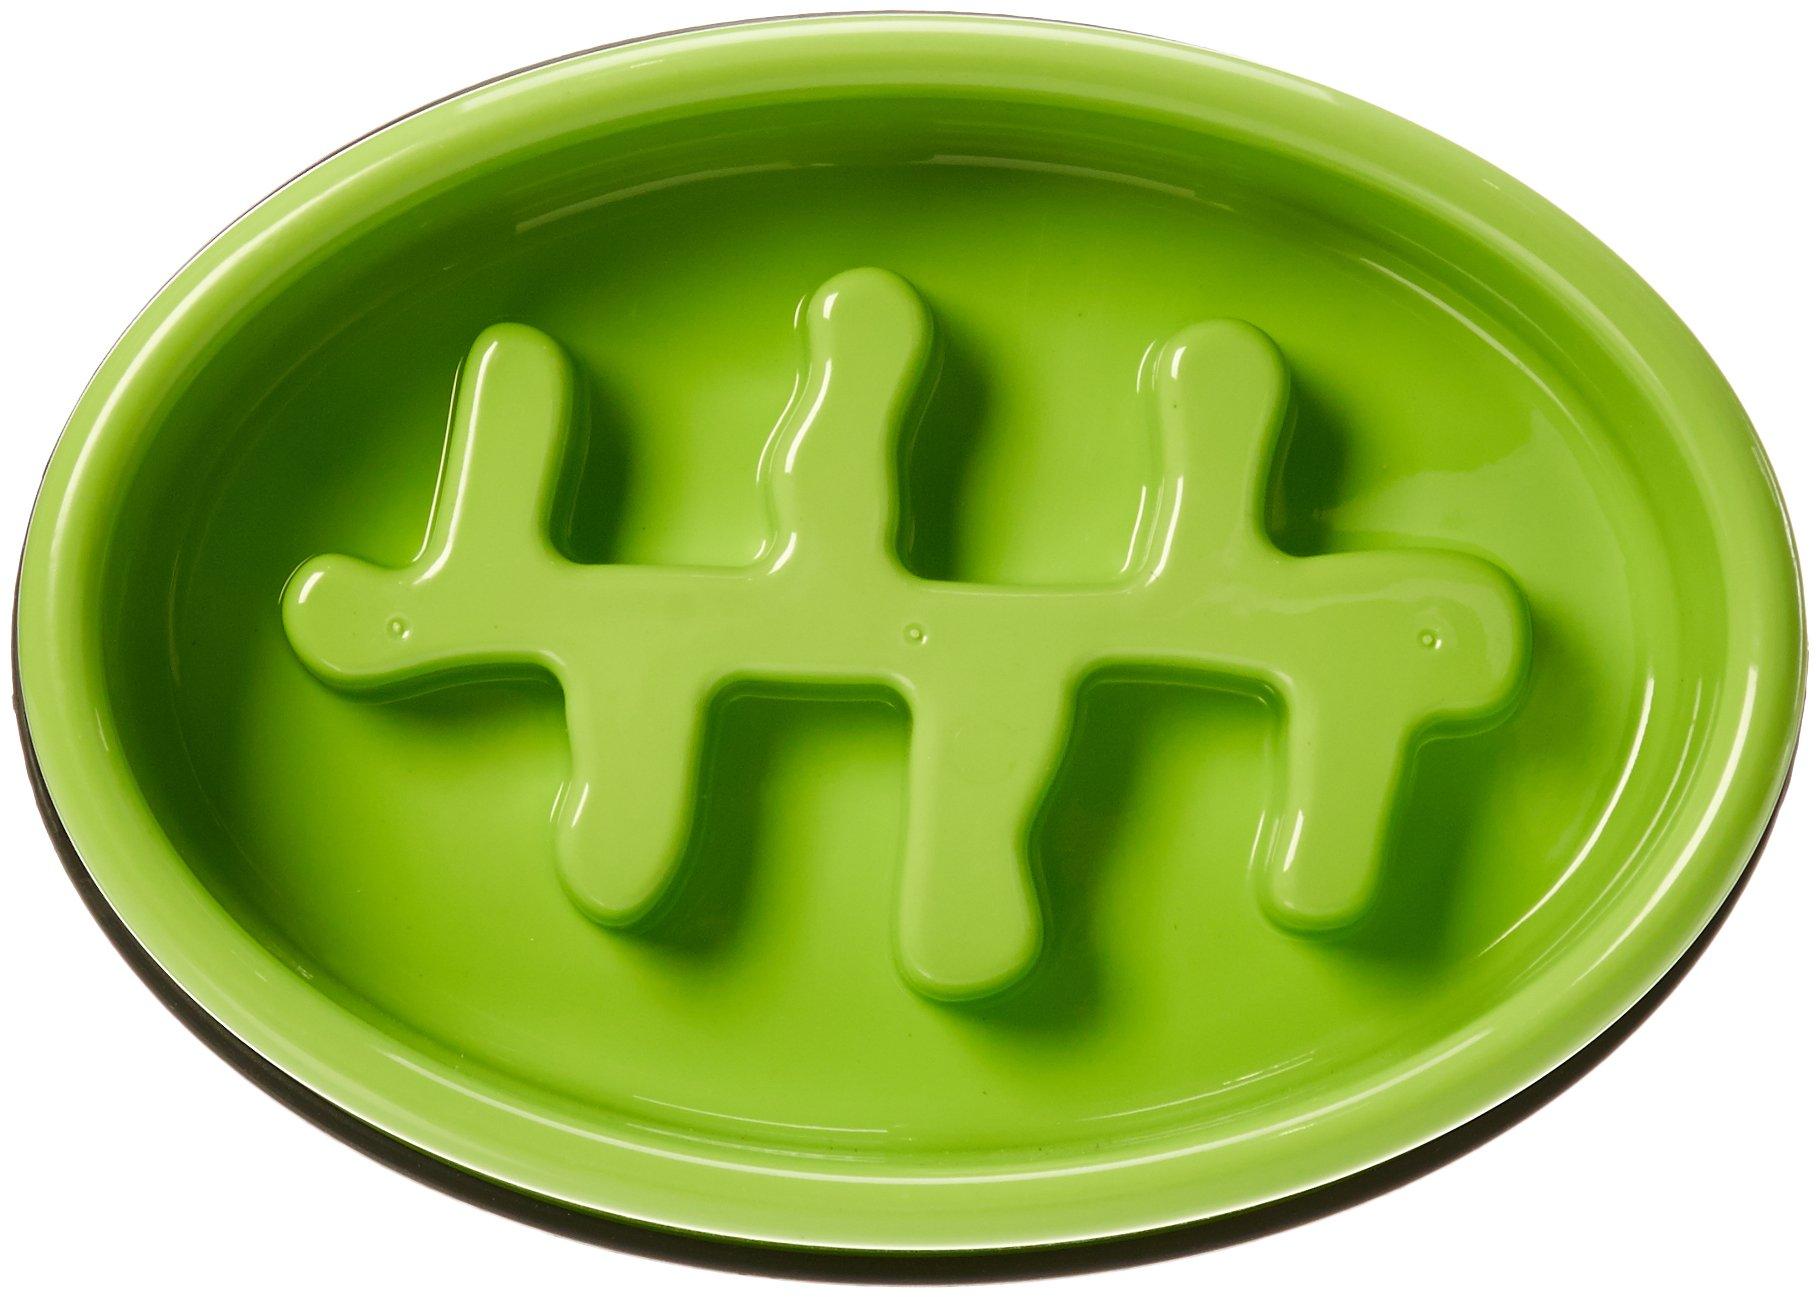 AmazonBasics Dog Slow Feeder Bowl for Anti-Bloating Honeycomb